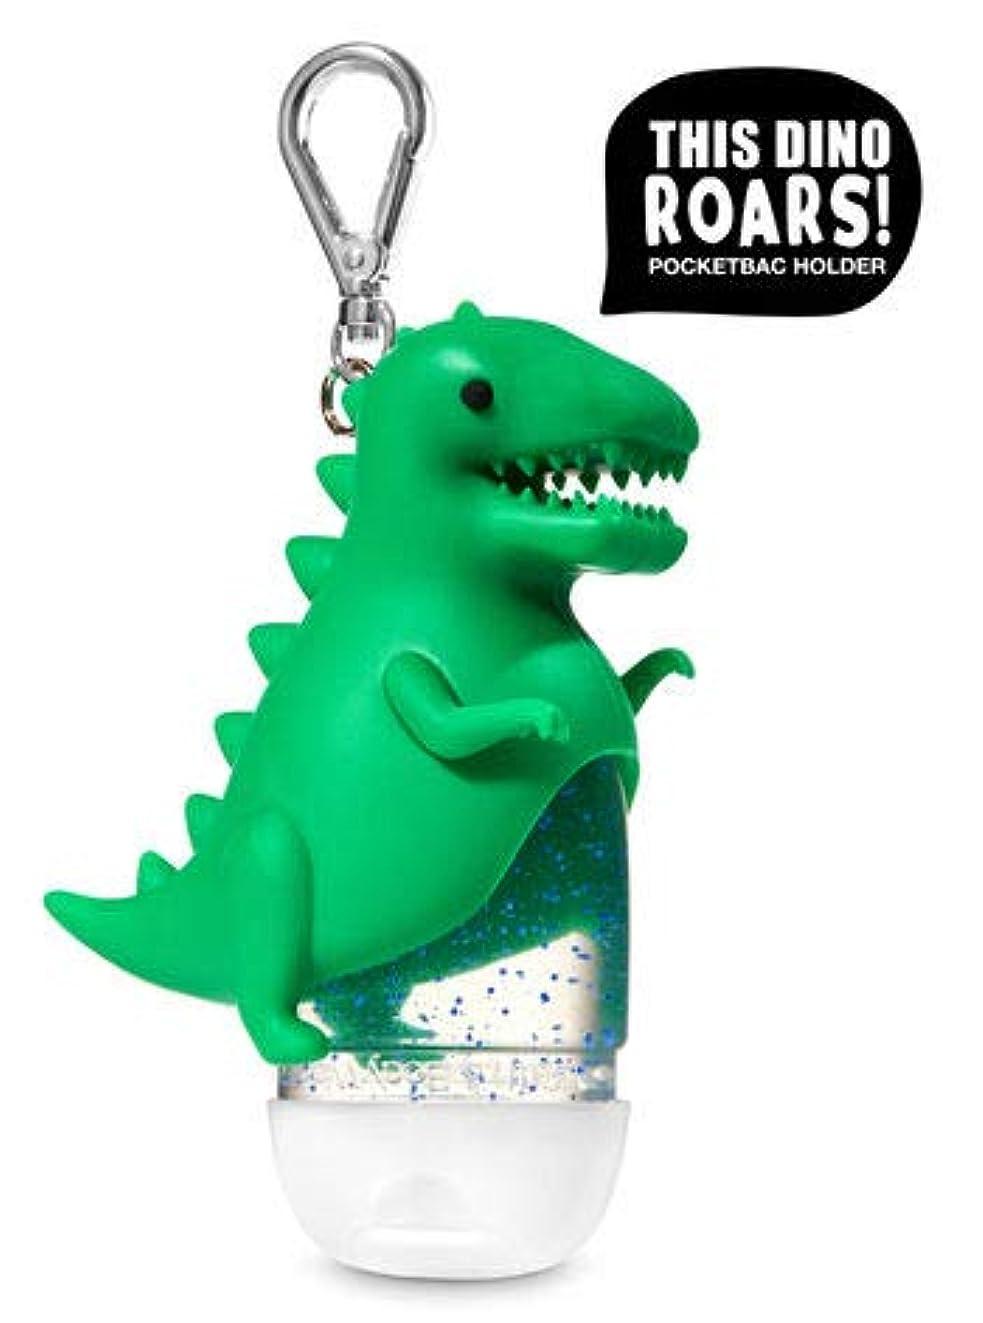 コースクローゼット株式会社【Bath&Body Works/バス&ボディワークス】 抗菌ハンドジェルホルダー ロアリングダイナソー Pocketbac Holder Roaring Dinosaur [並行輸入品]